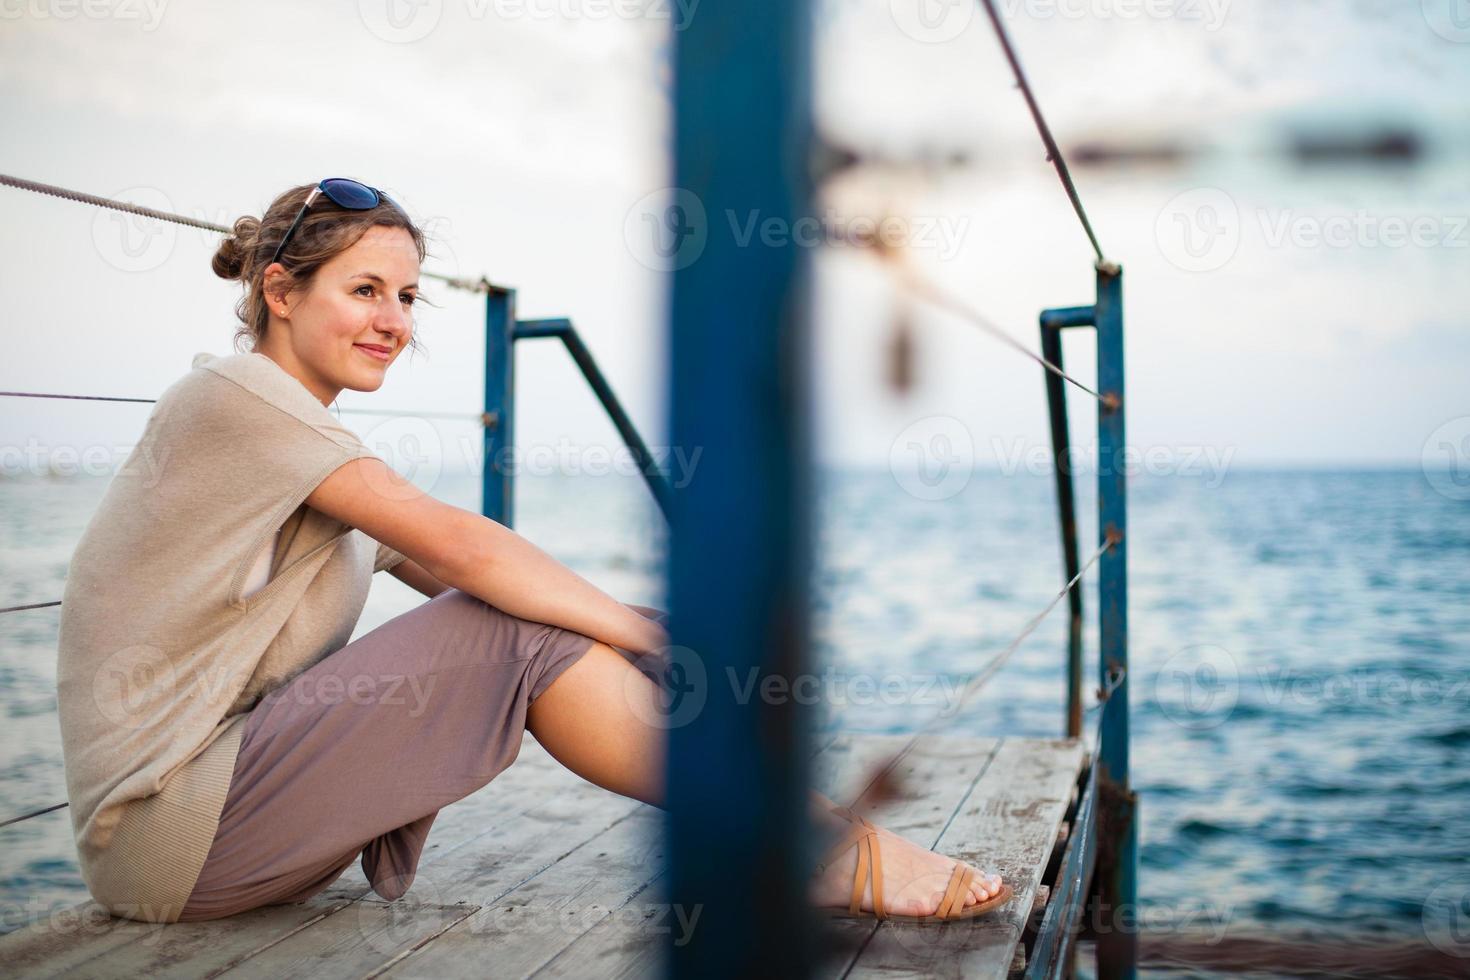 jovem no litoral foto